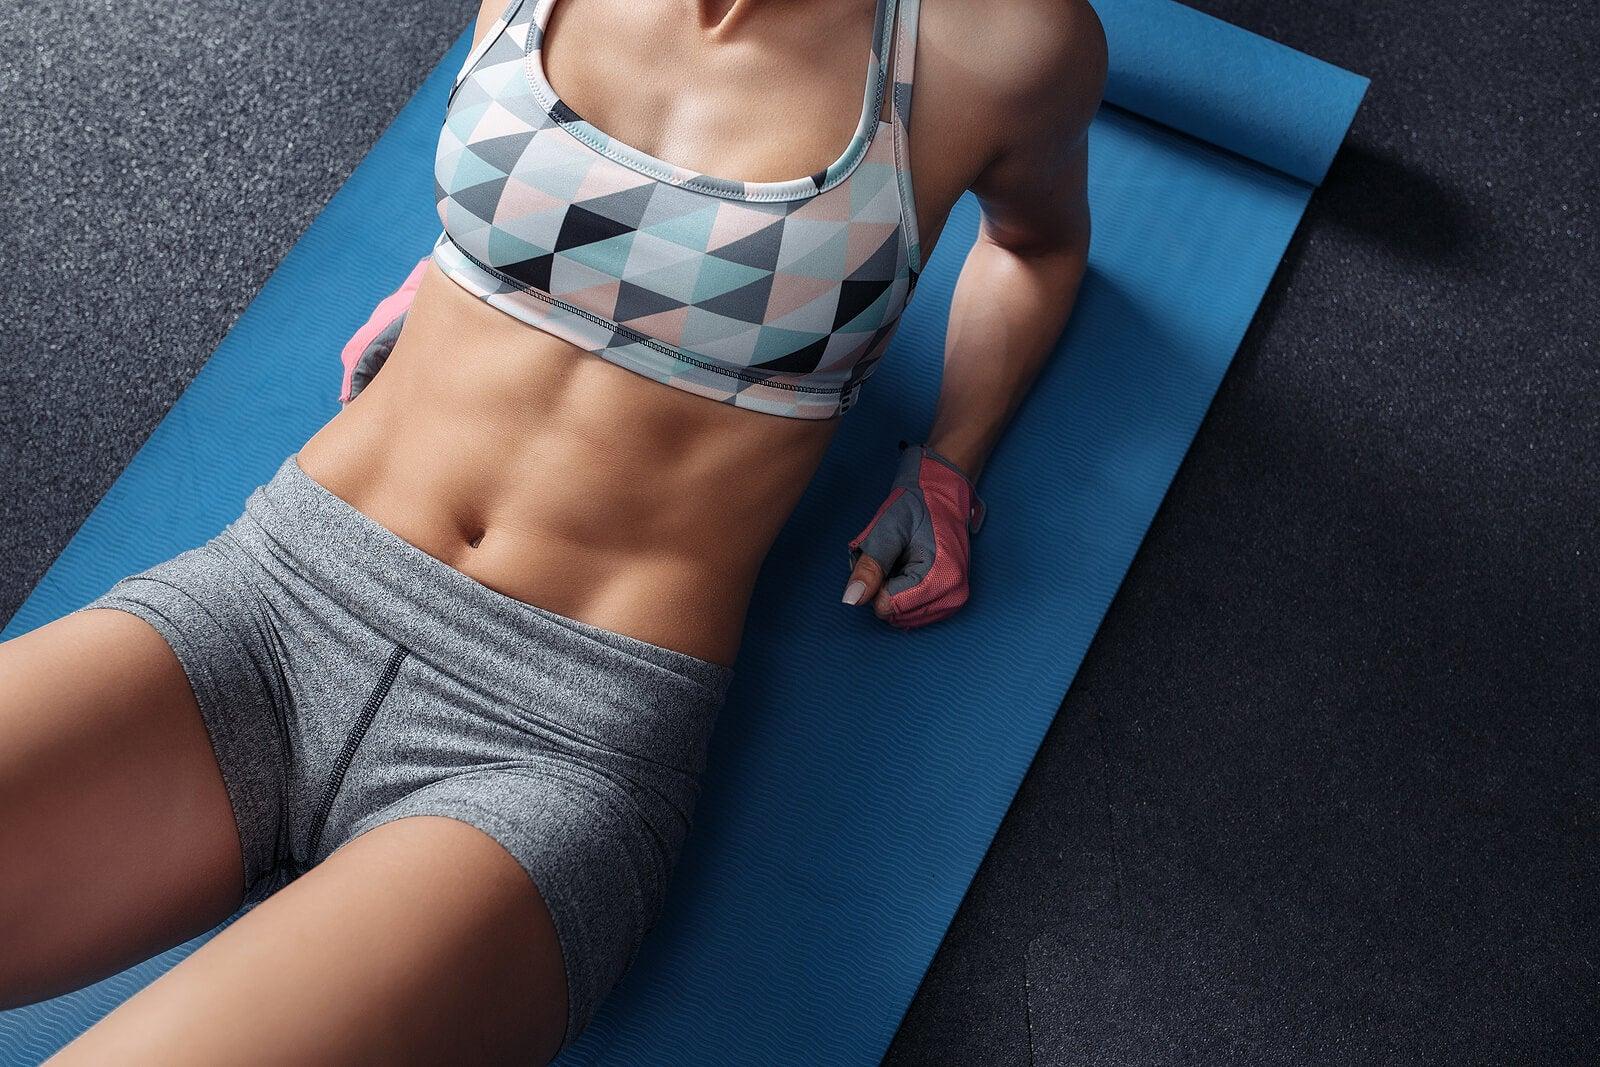 Los 3 pasos para quemar grasa abdominal rápidamente